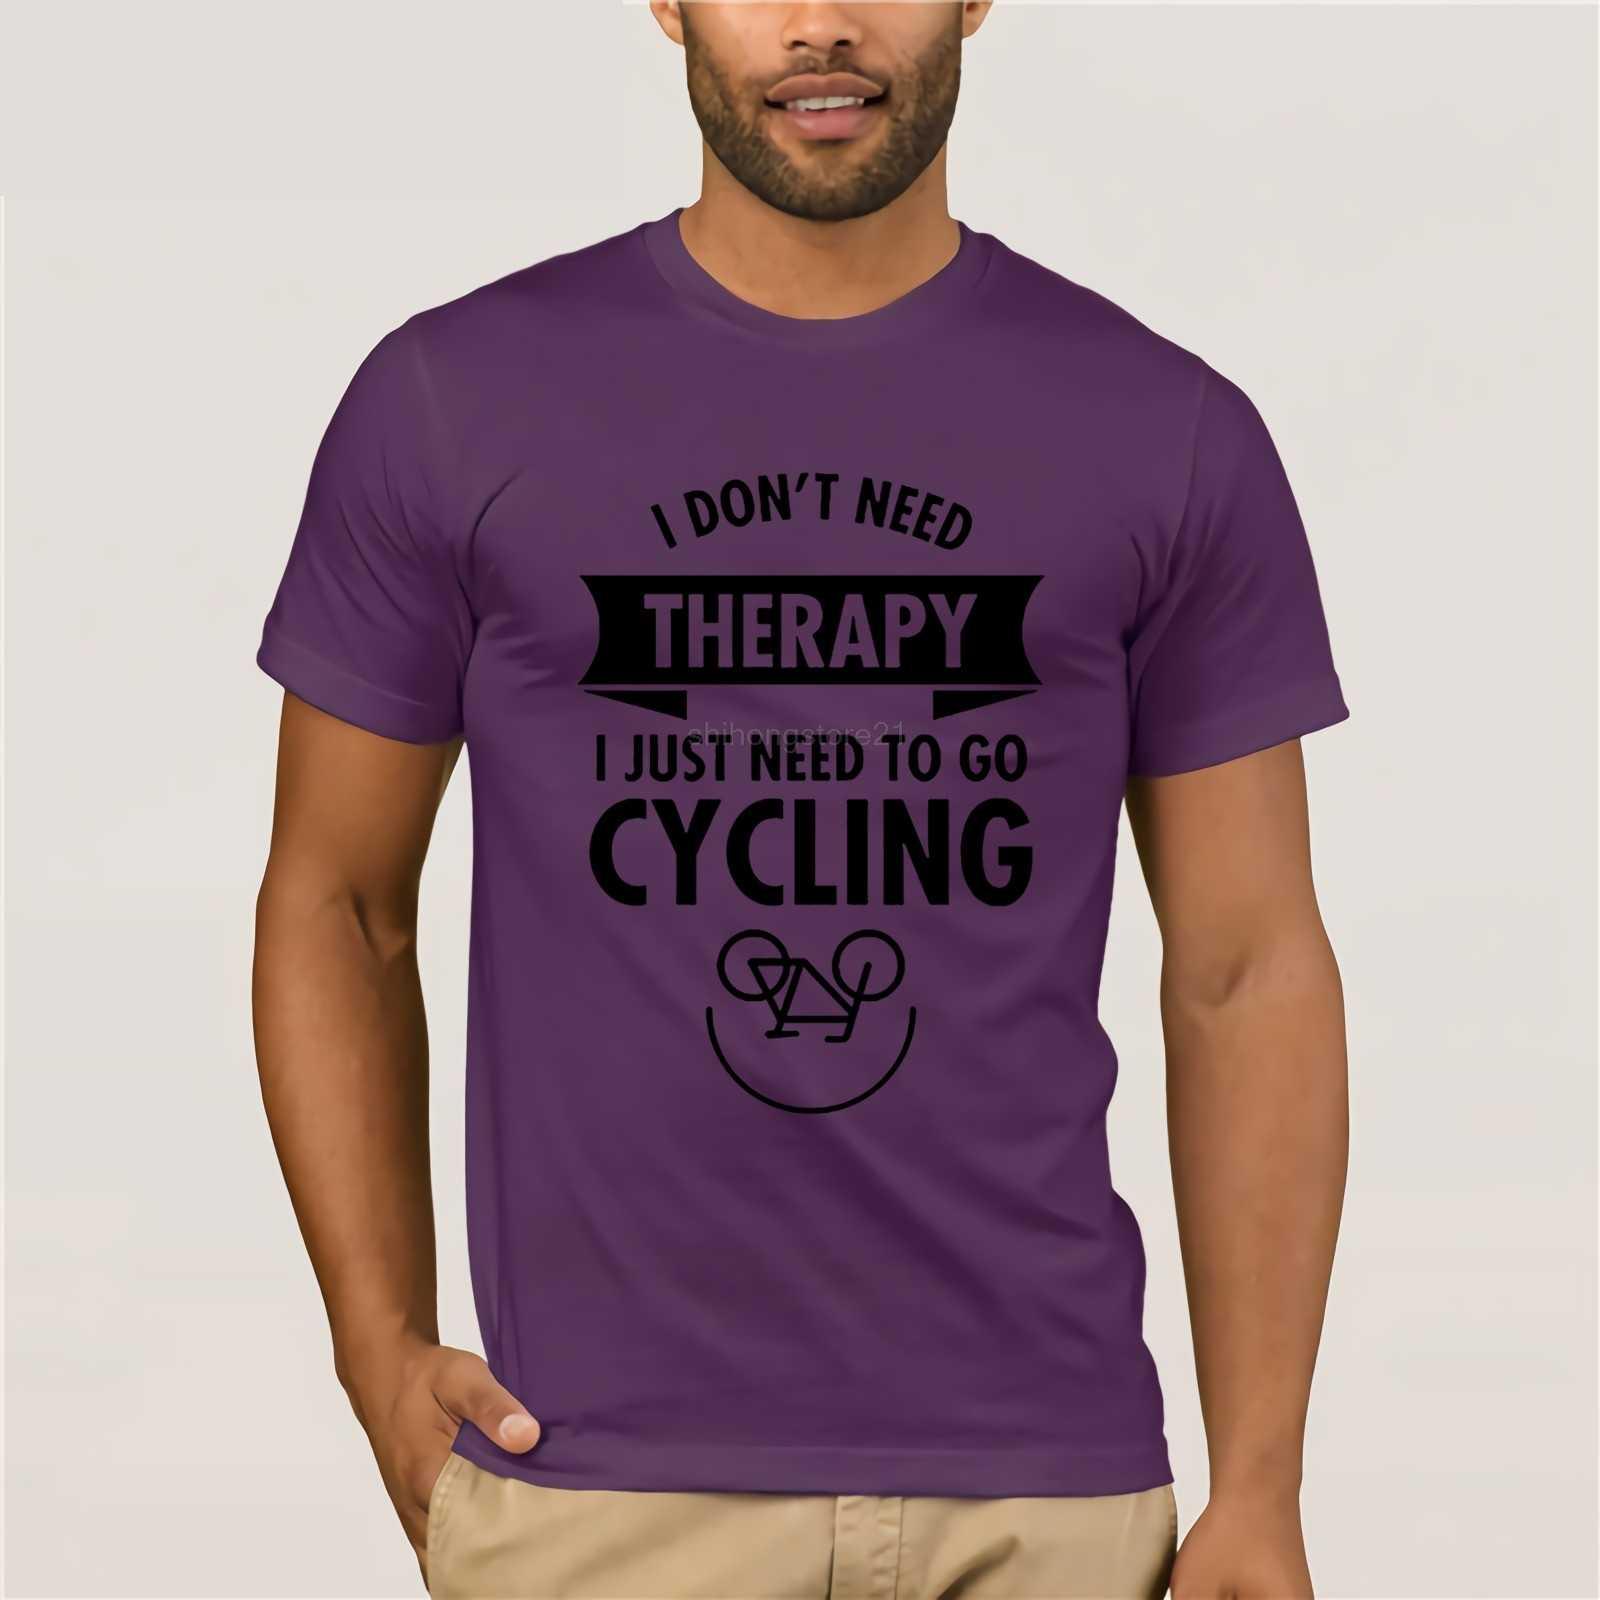 私は治療を必要と私はちょうど移動する必要があり自転車 Tシャツ男性の半袖デザイナープリントカスタムオーダーメイド基本ハイカー Tシャツ